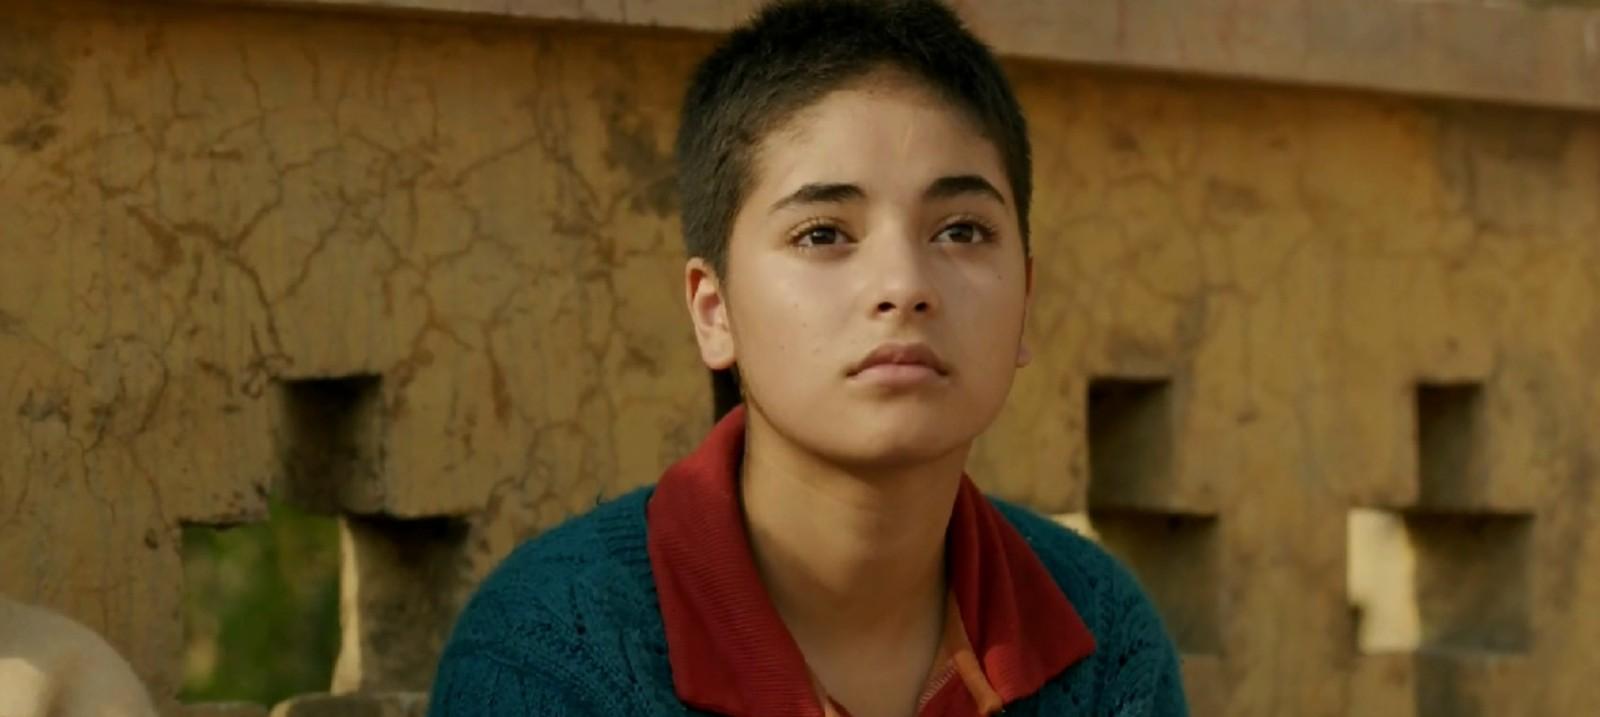 十八岁成人电影_选对剧本有多重要,两部电影就可以红遍全球,而她还未满十八岁!